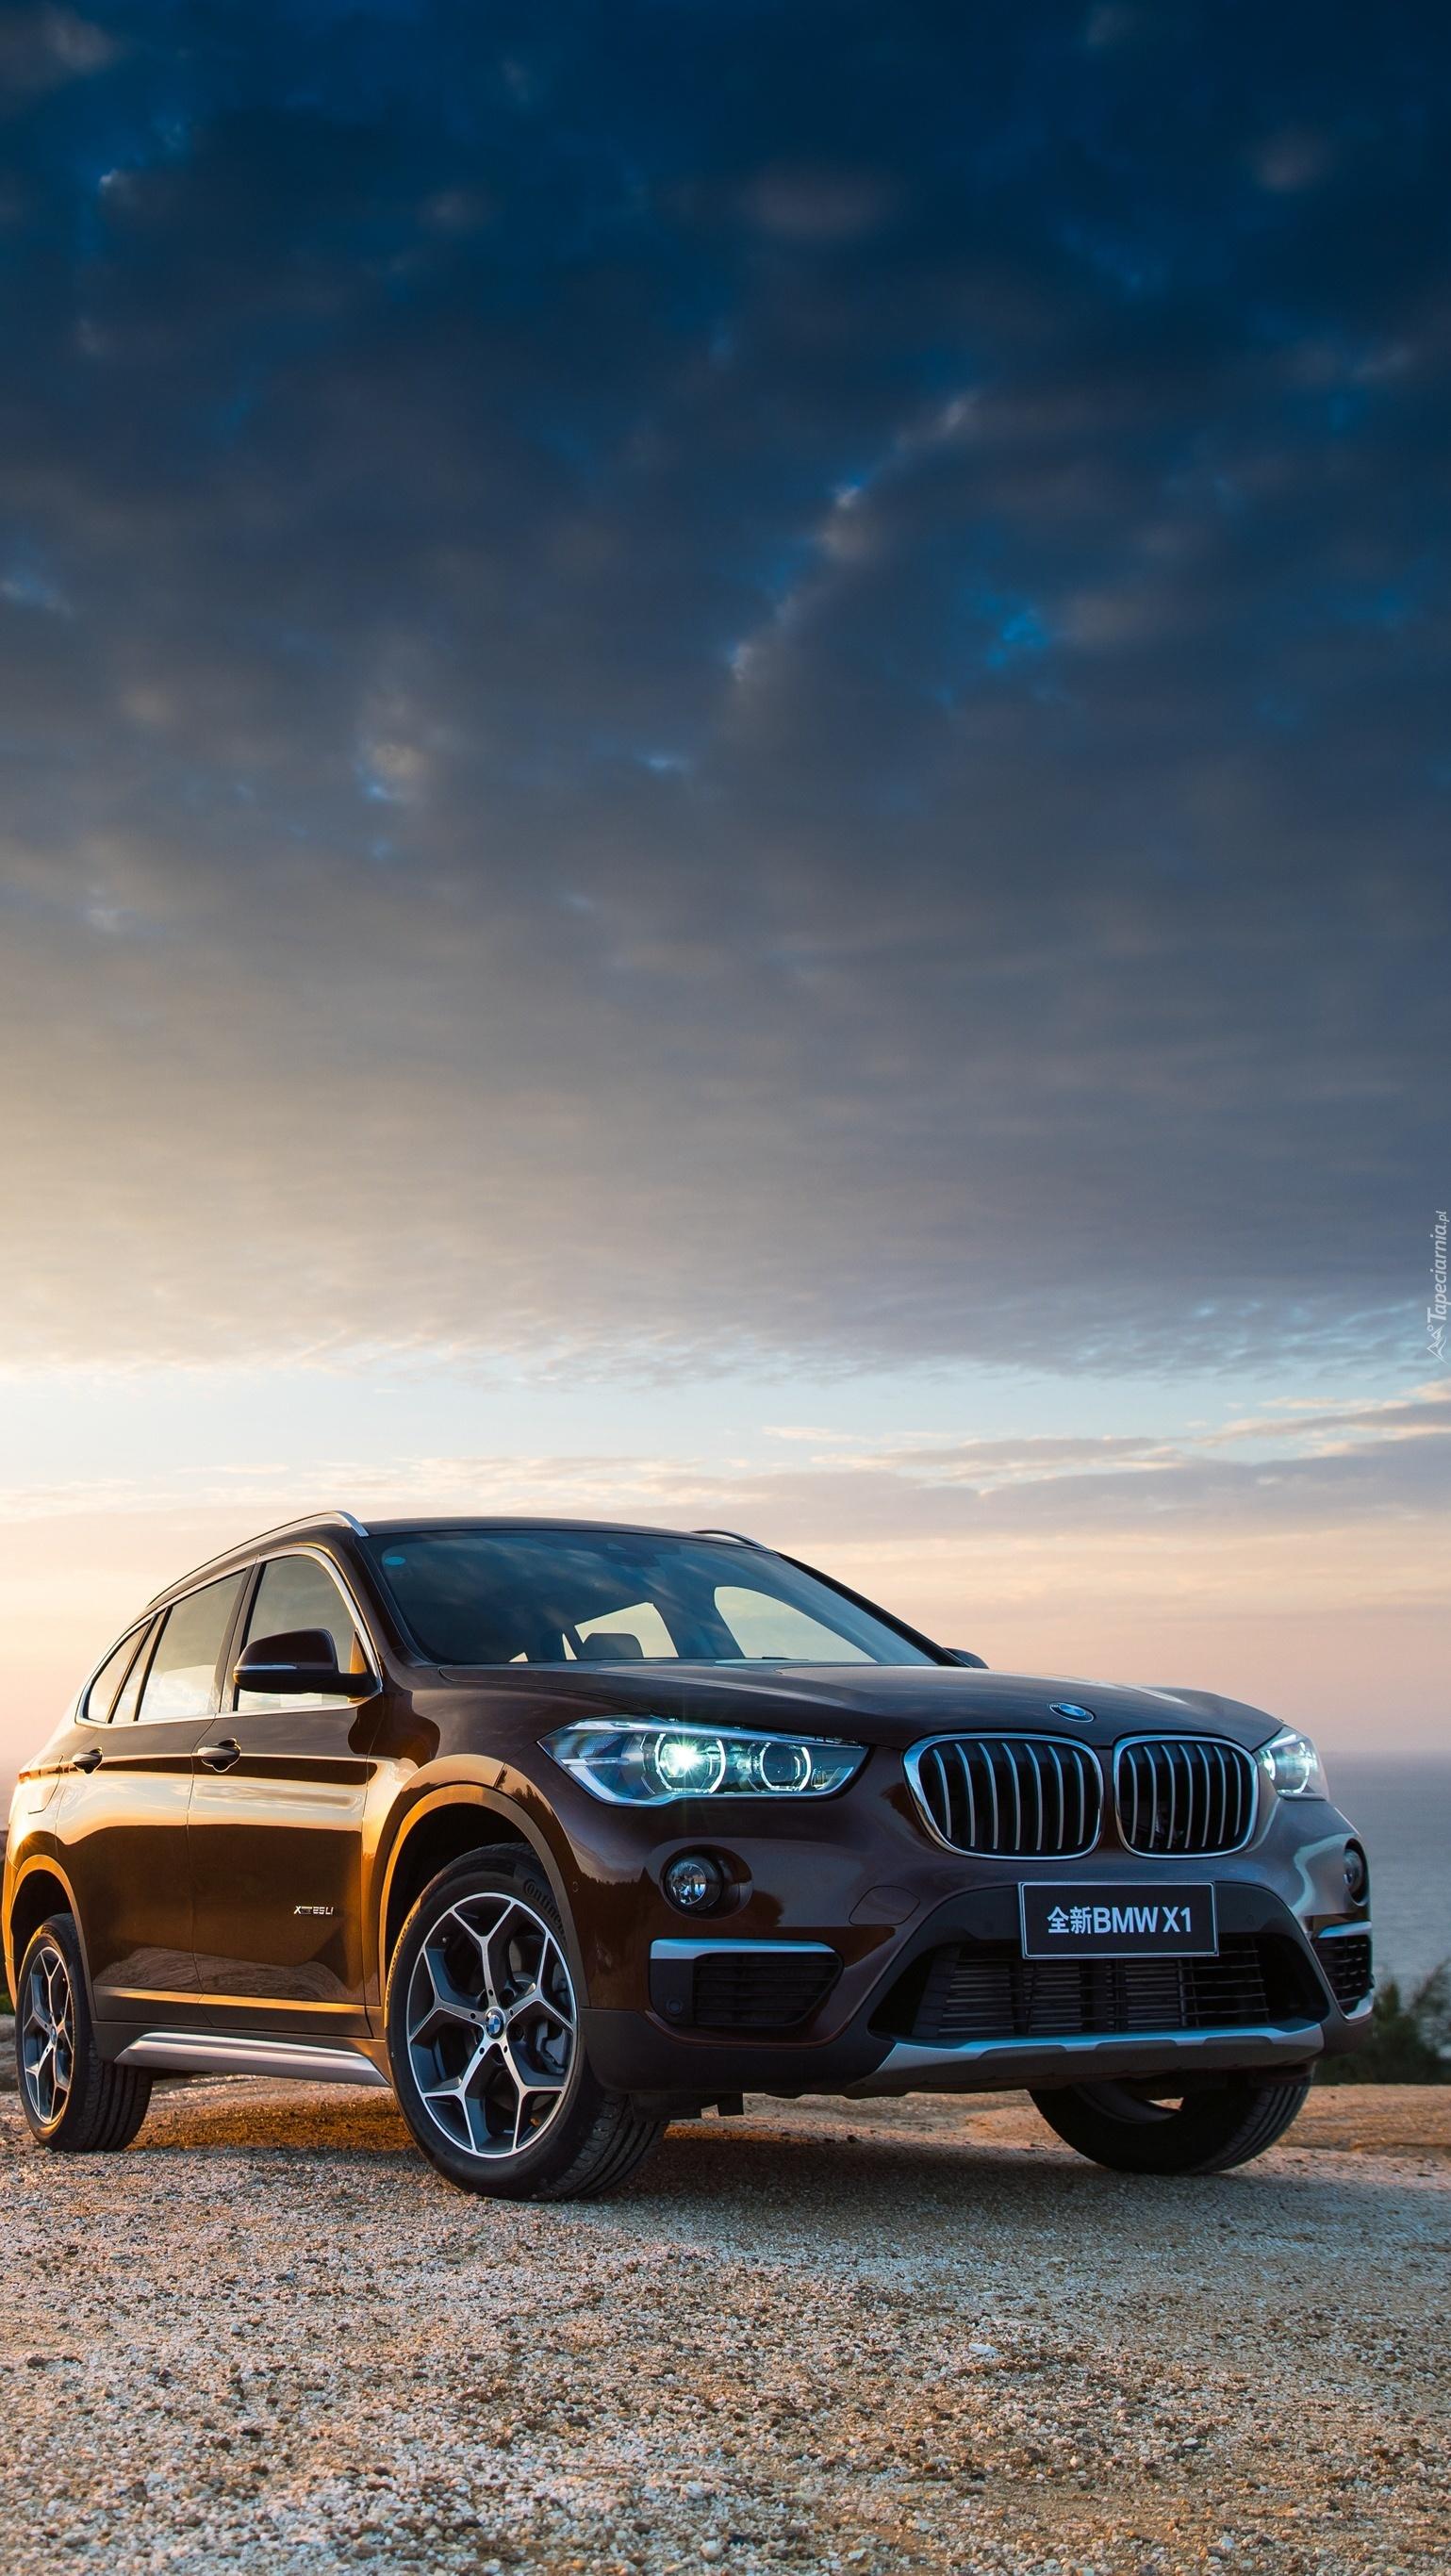 Pozostawione na drodze BMW x1